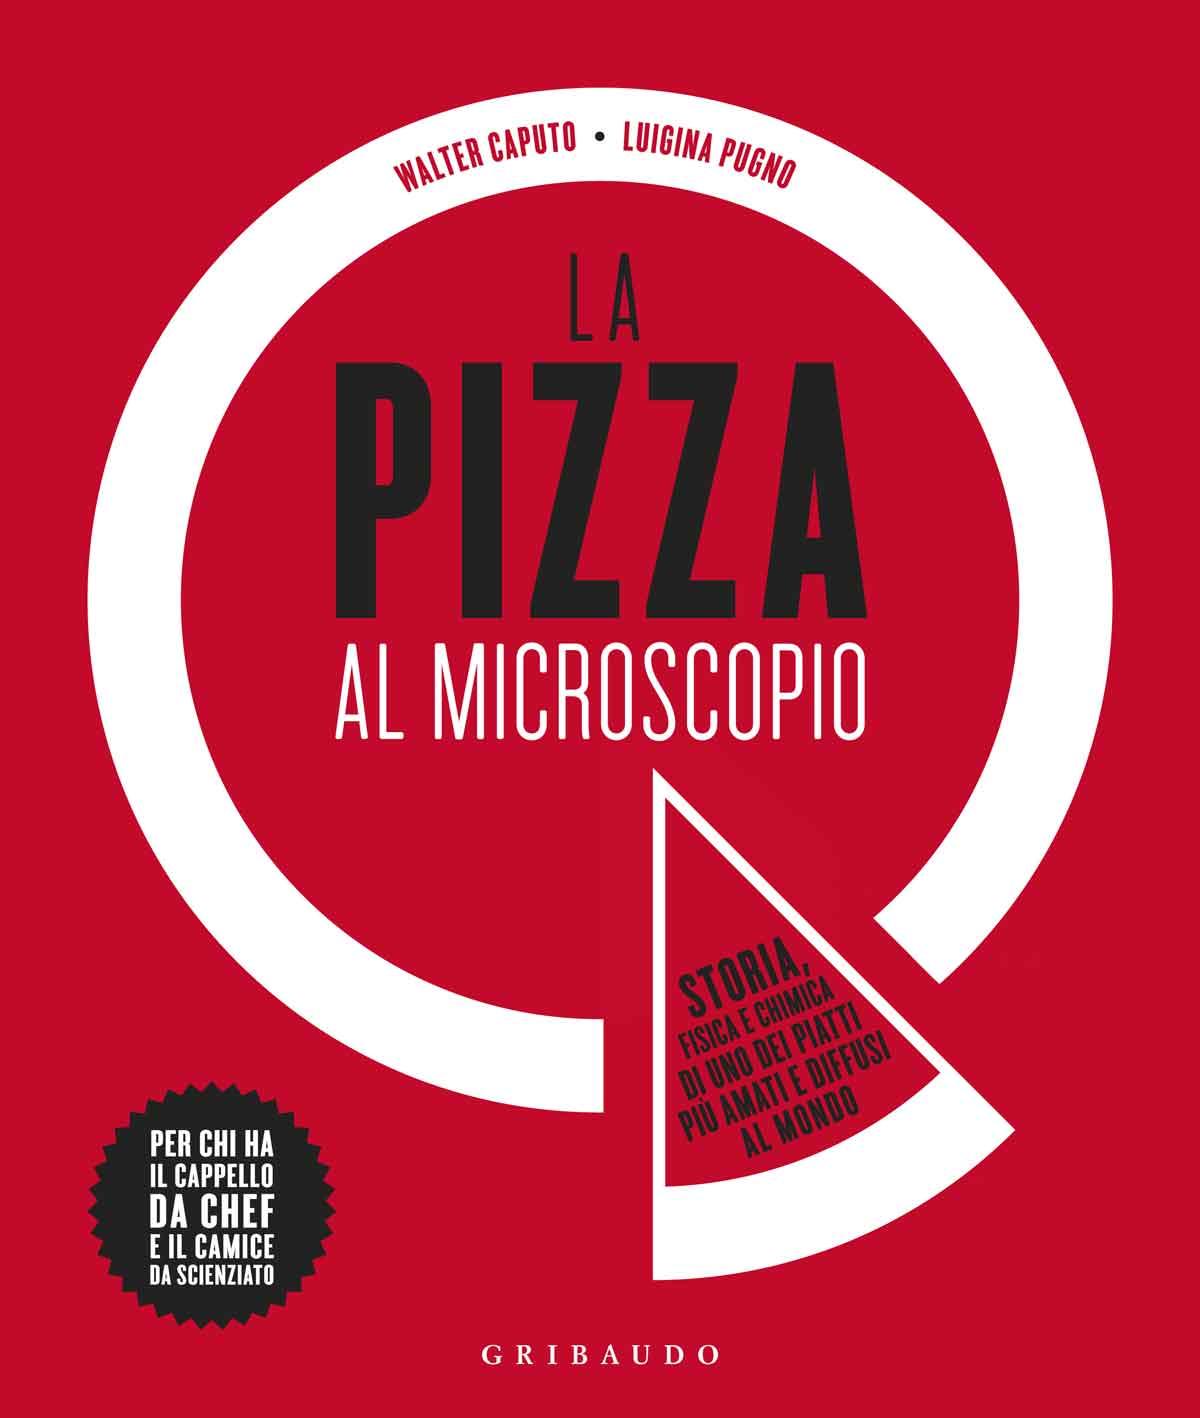 LA PIZZA AL MICROSCOPIO di Walter Caputo e Luigina Pugno